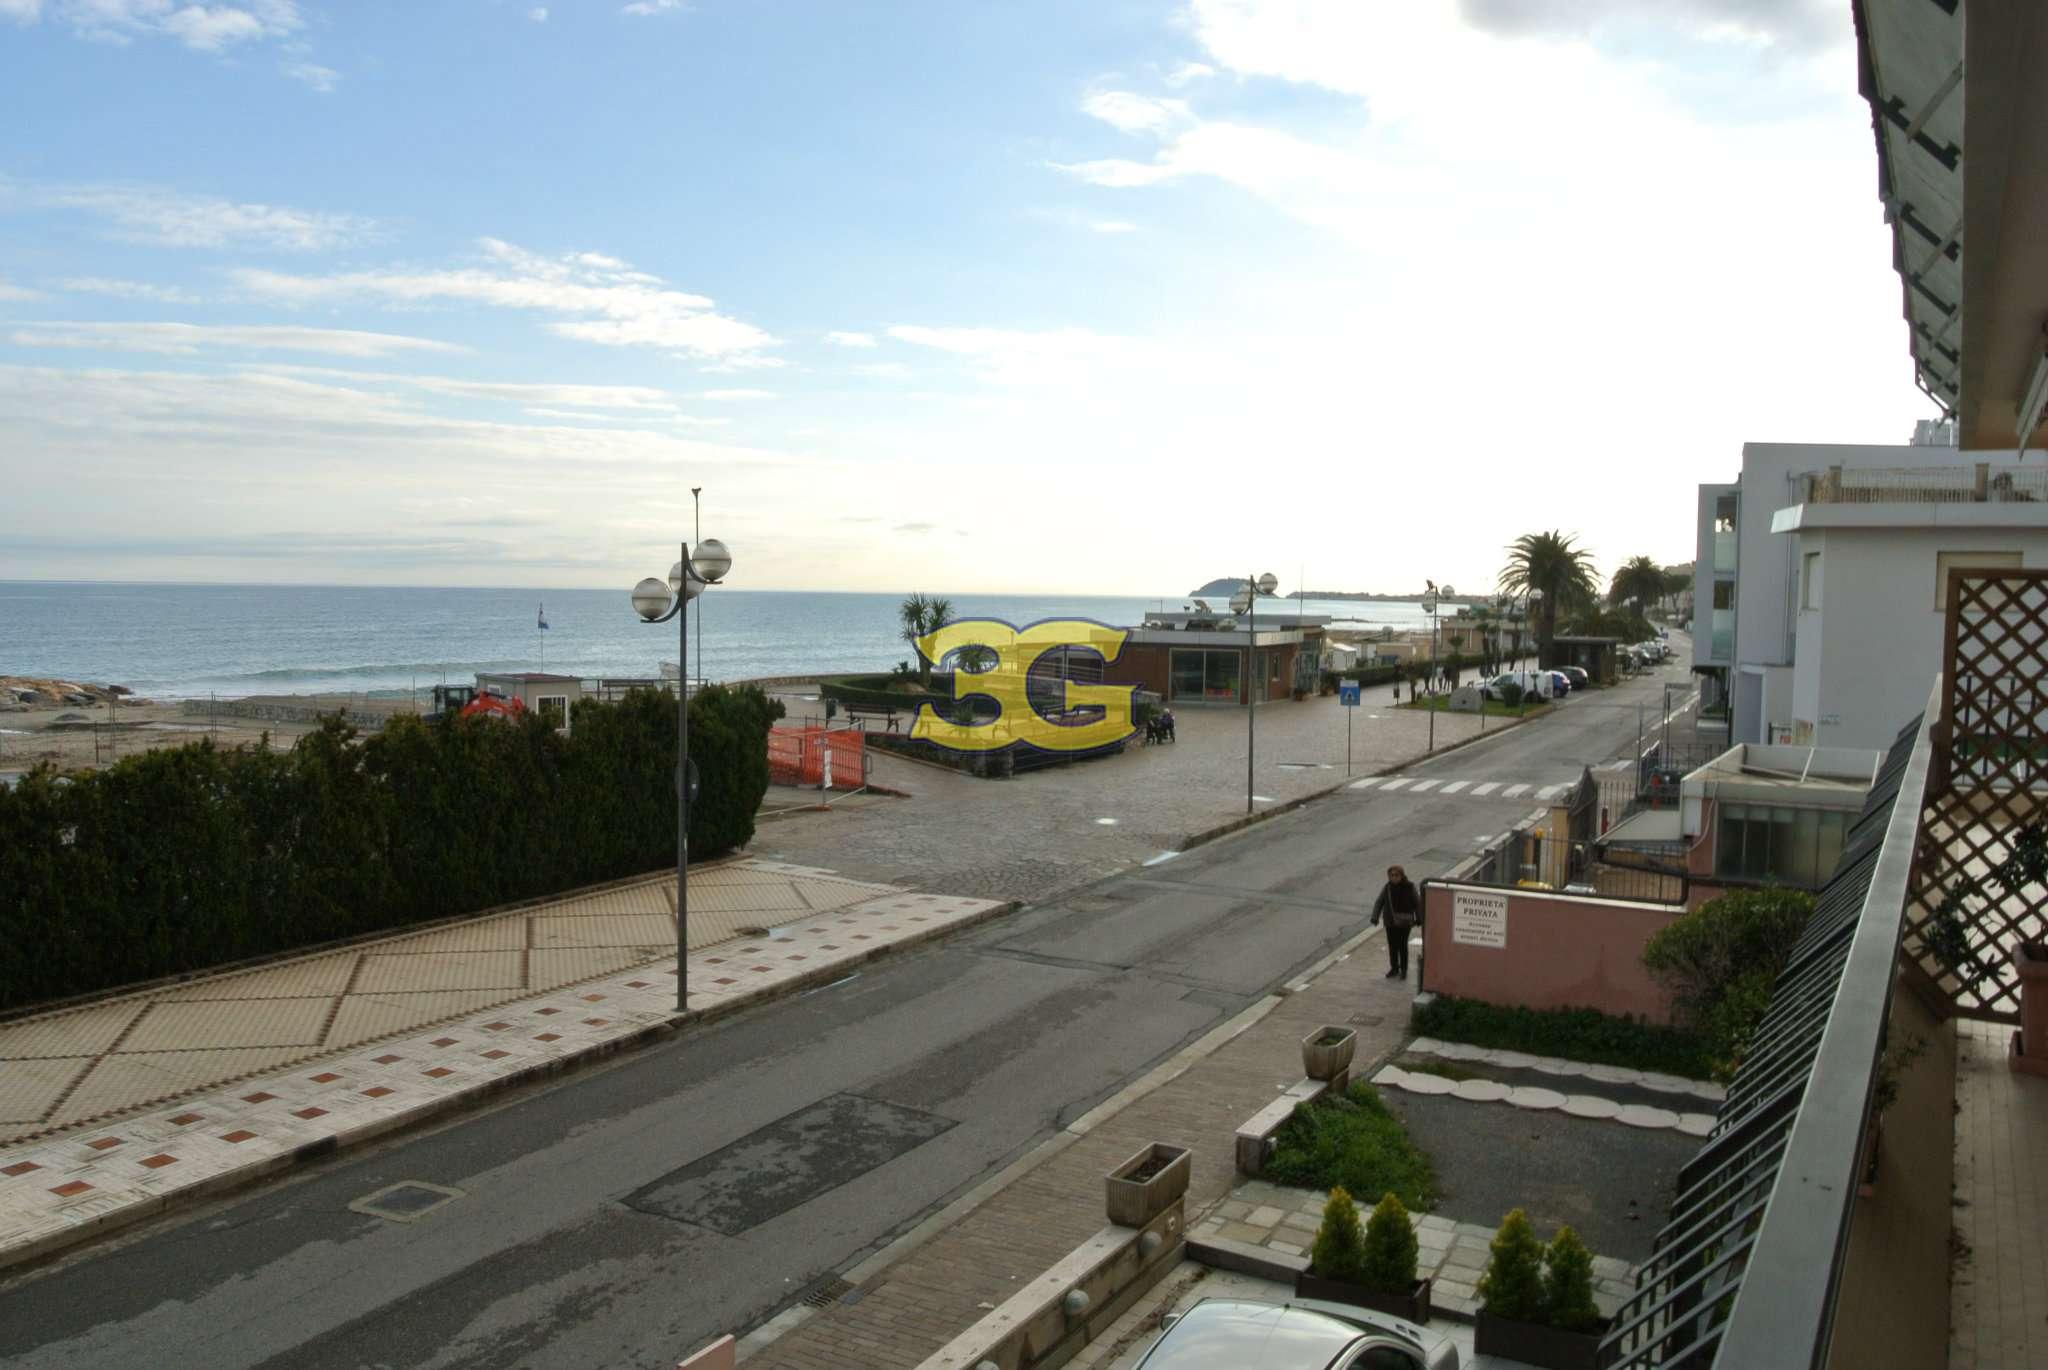 Appartamento in vendita a Ceriale, 1 locali, prezzo € 175.000 | CambioCasa.it